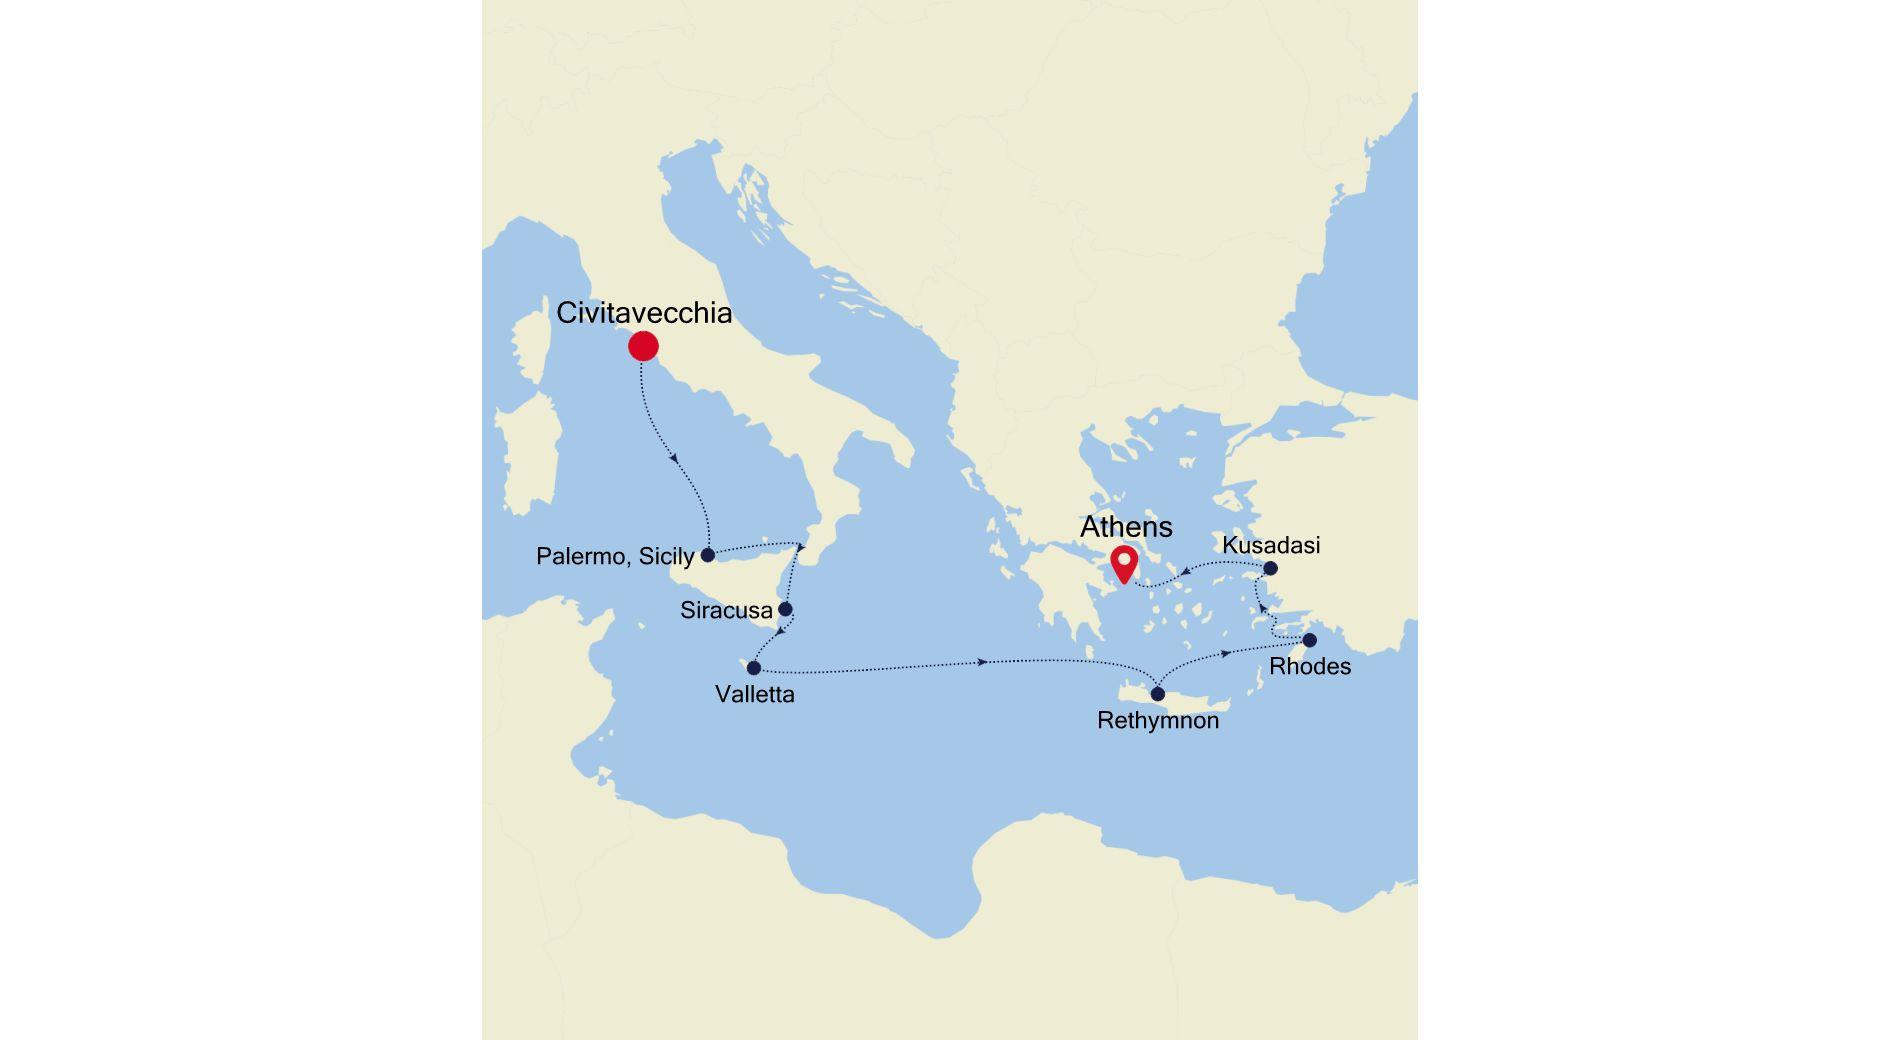 SS211115009 - Civitavecchia a Athens